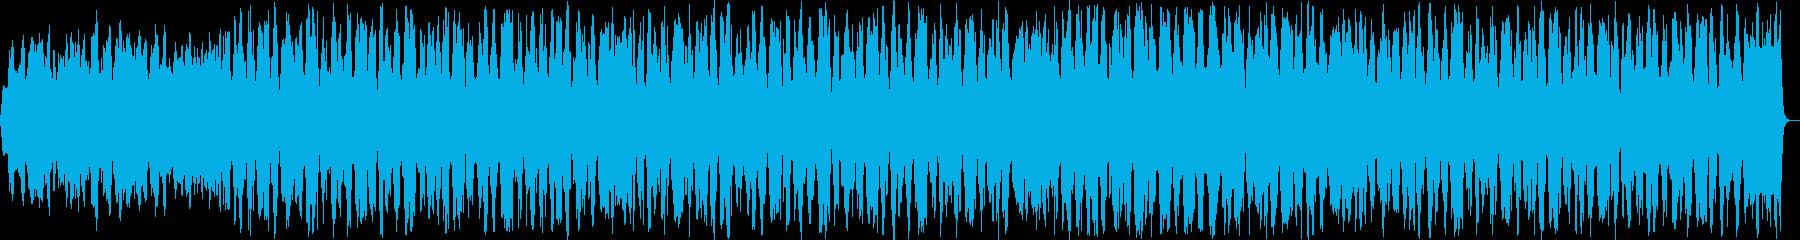 切ないシンセ・ピアノサウンドの再生済みの波形